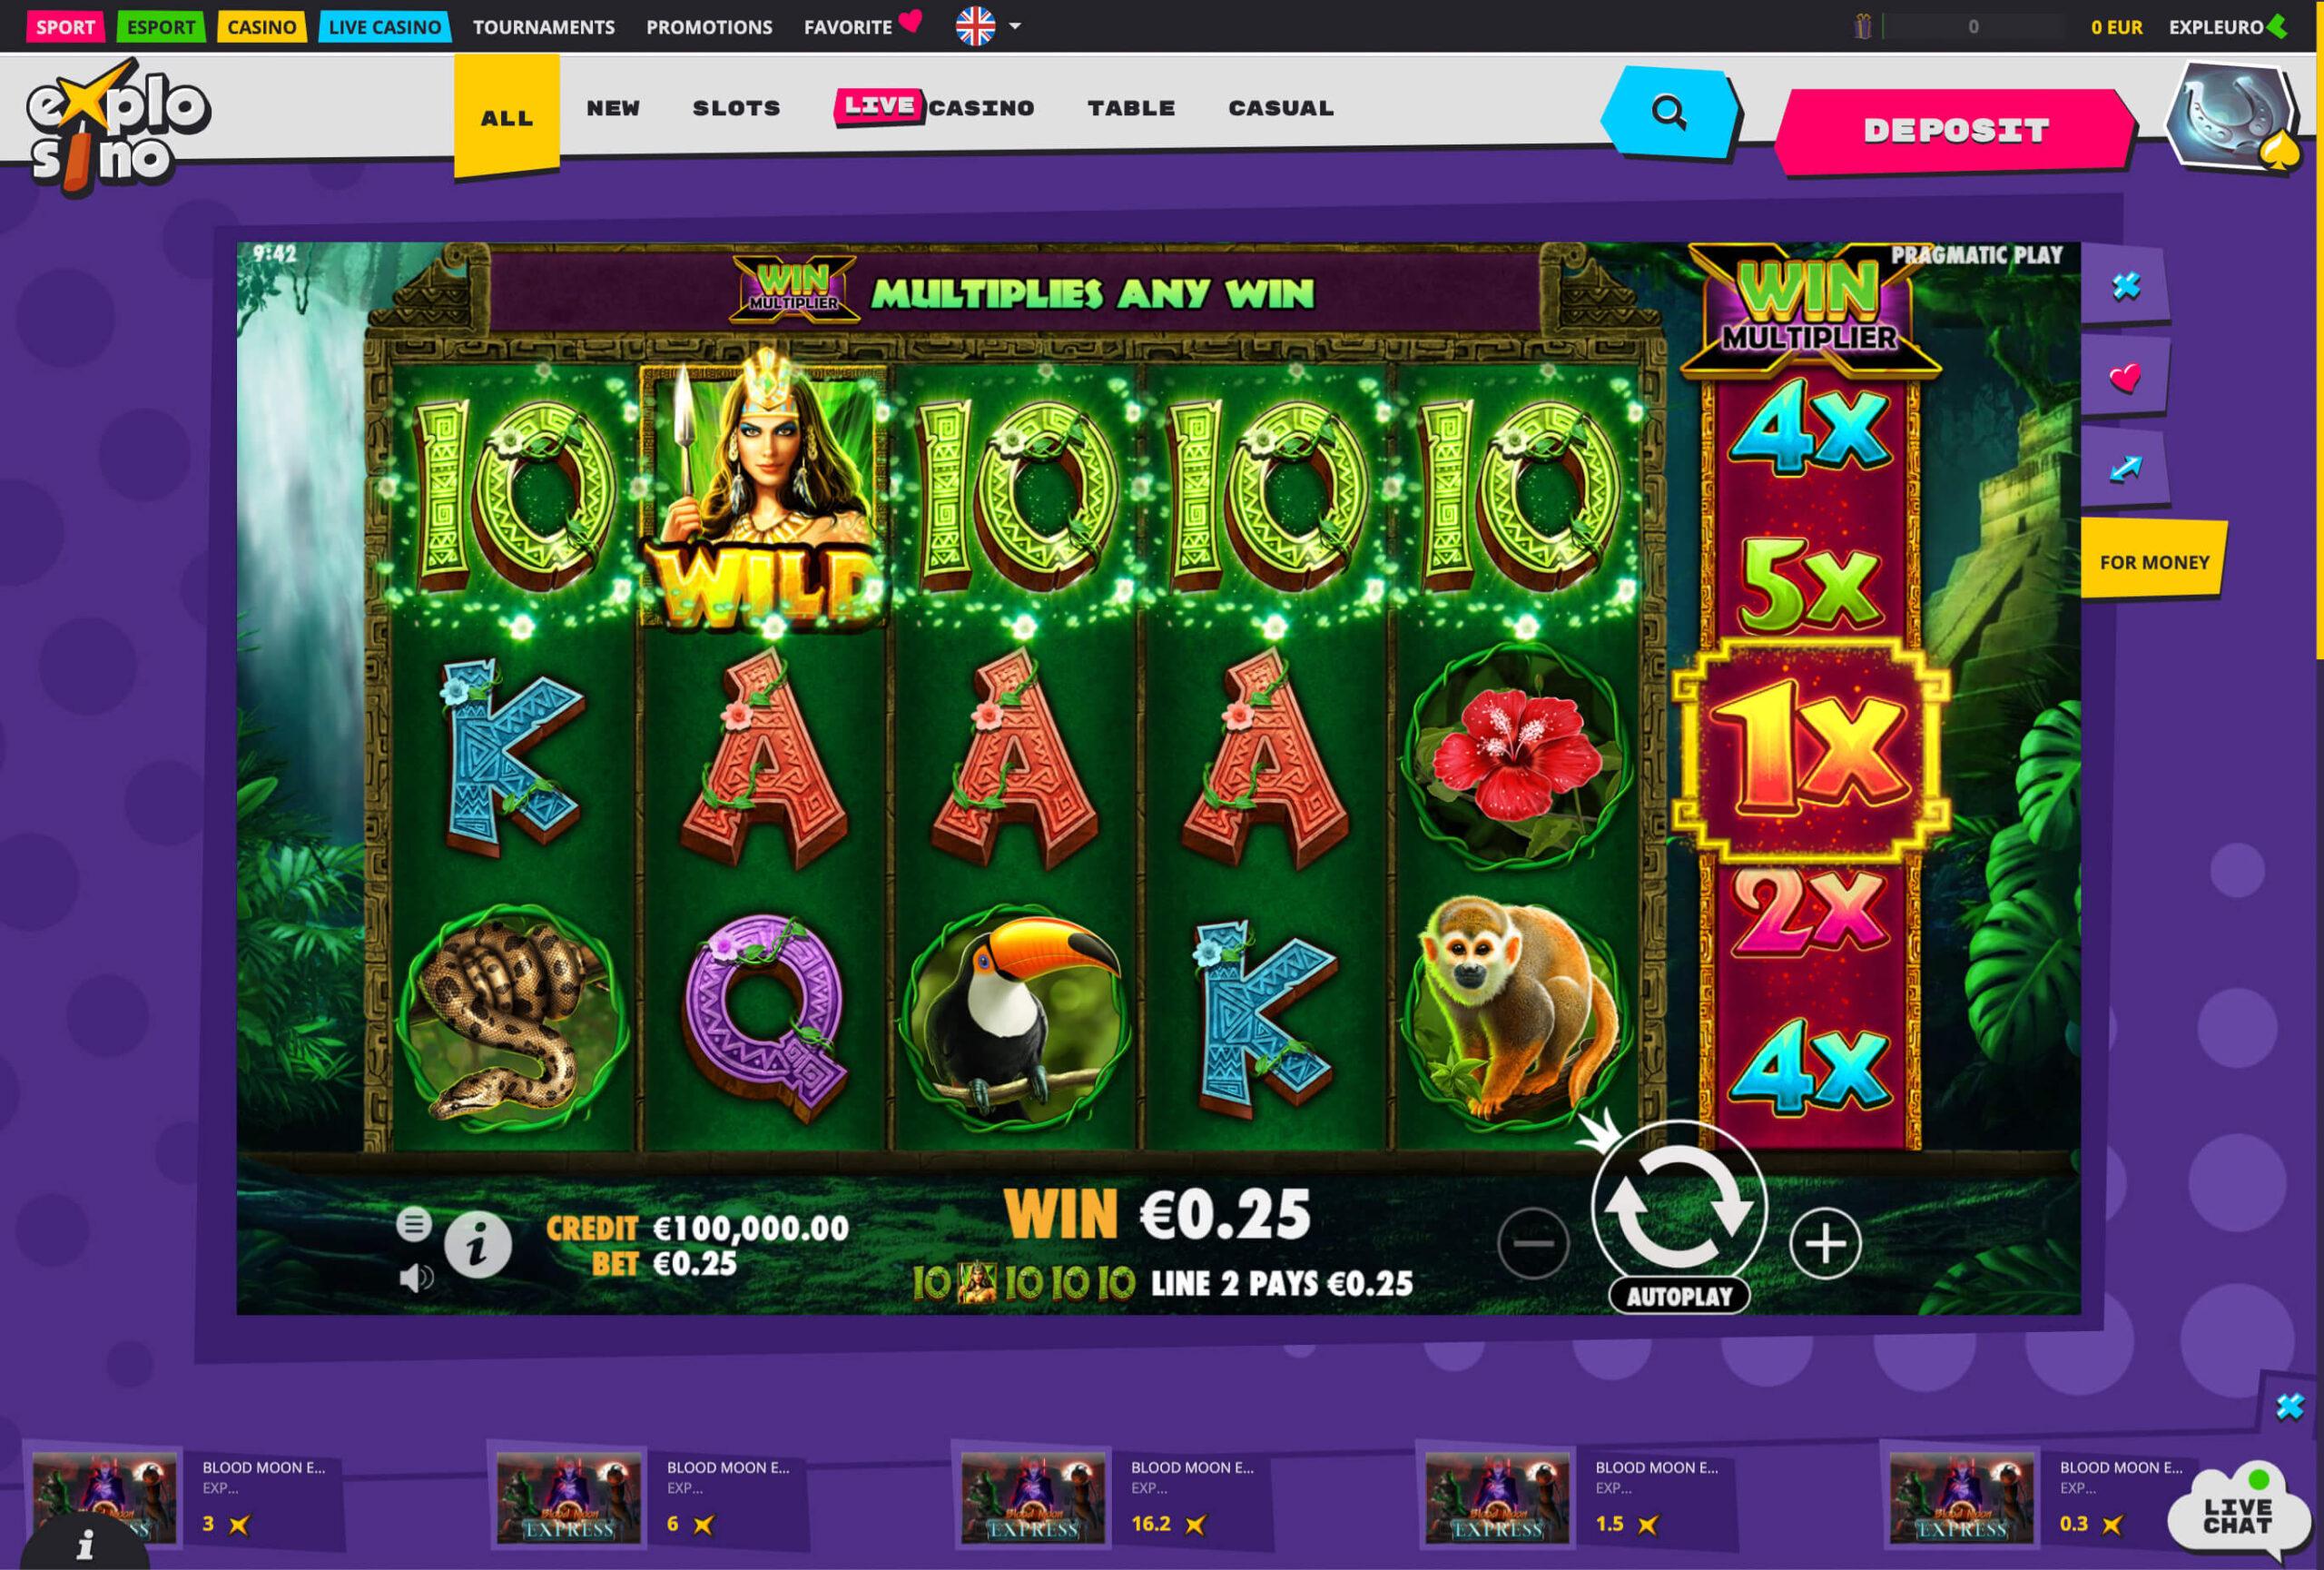 Explosino casino slot